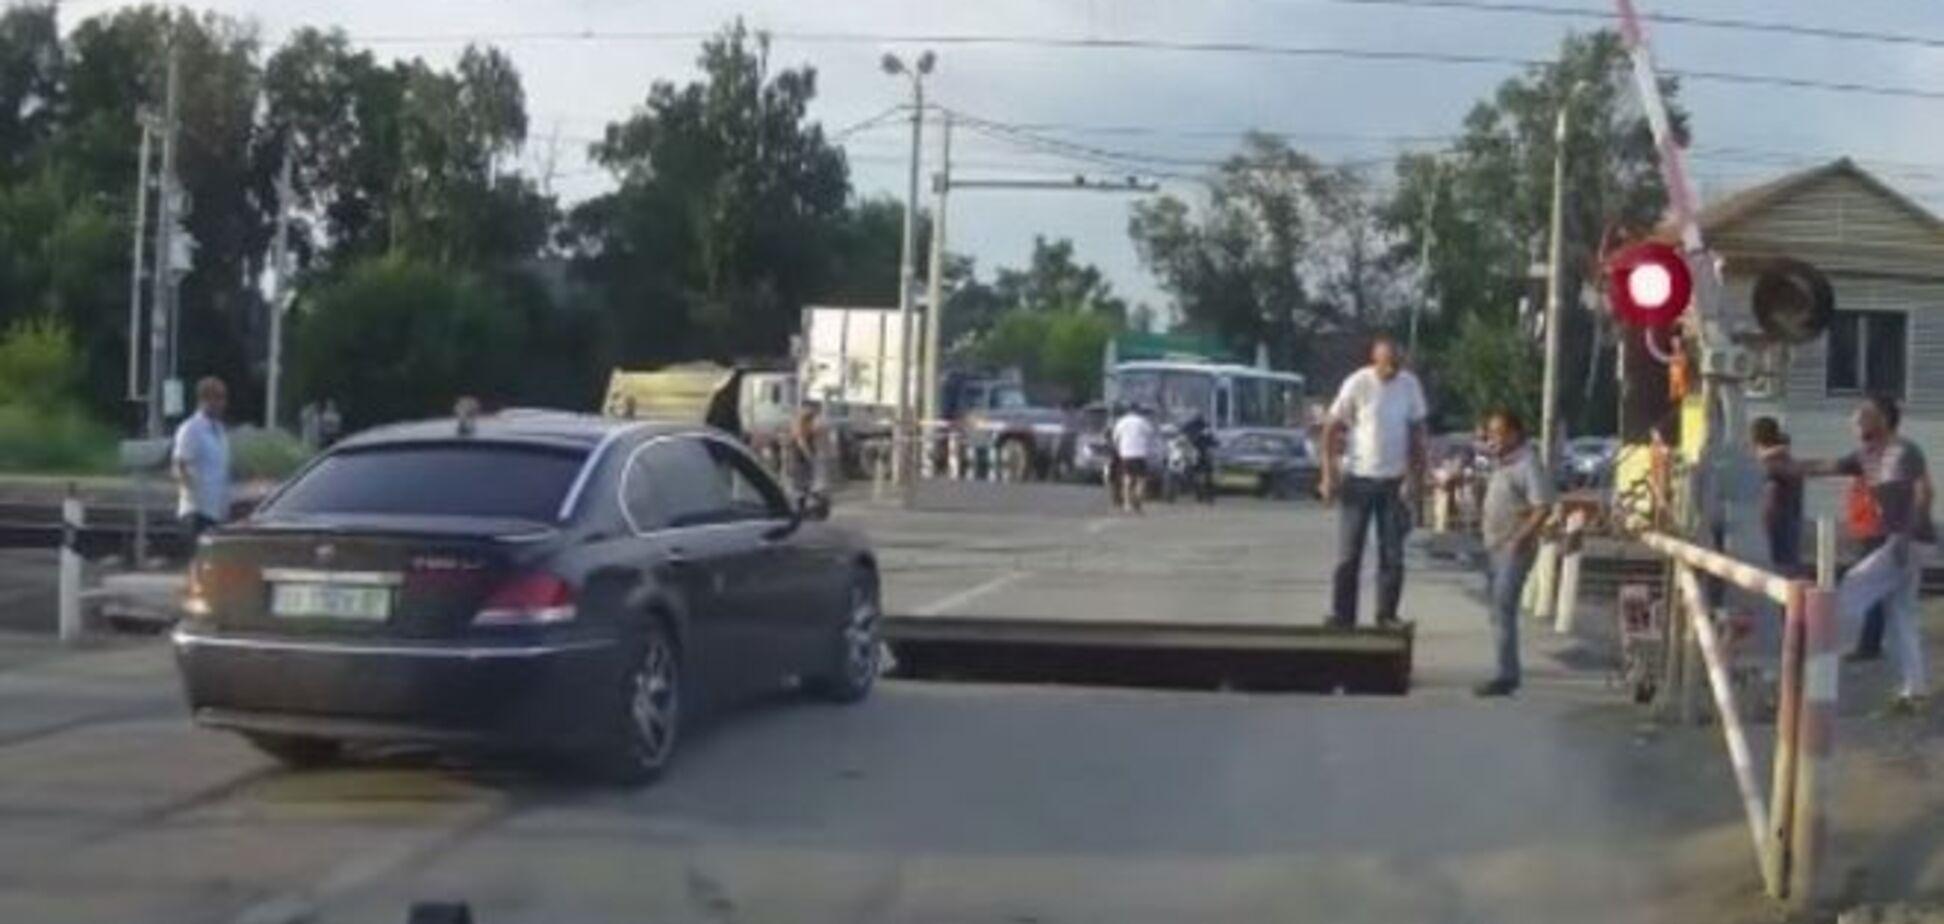 Тупість російських водіїв на ж / д переїзді вражає: повчальне відео